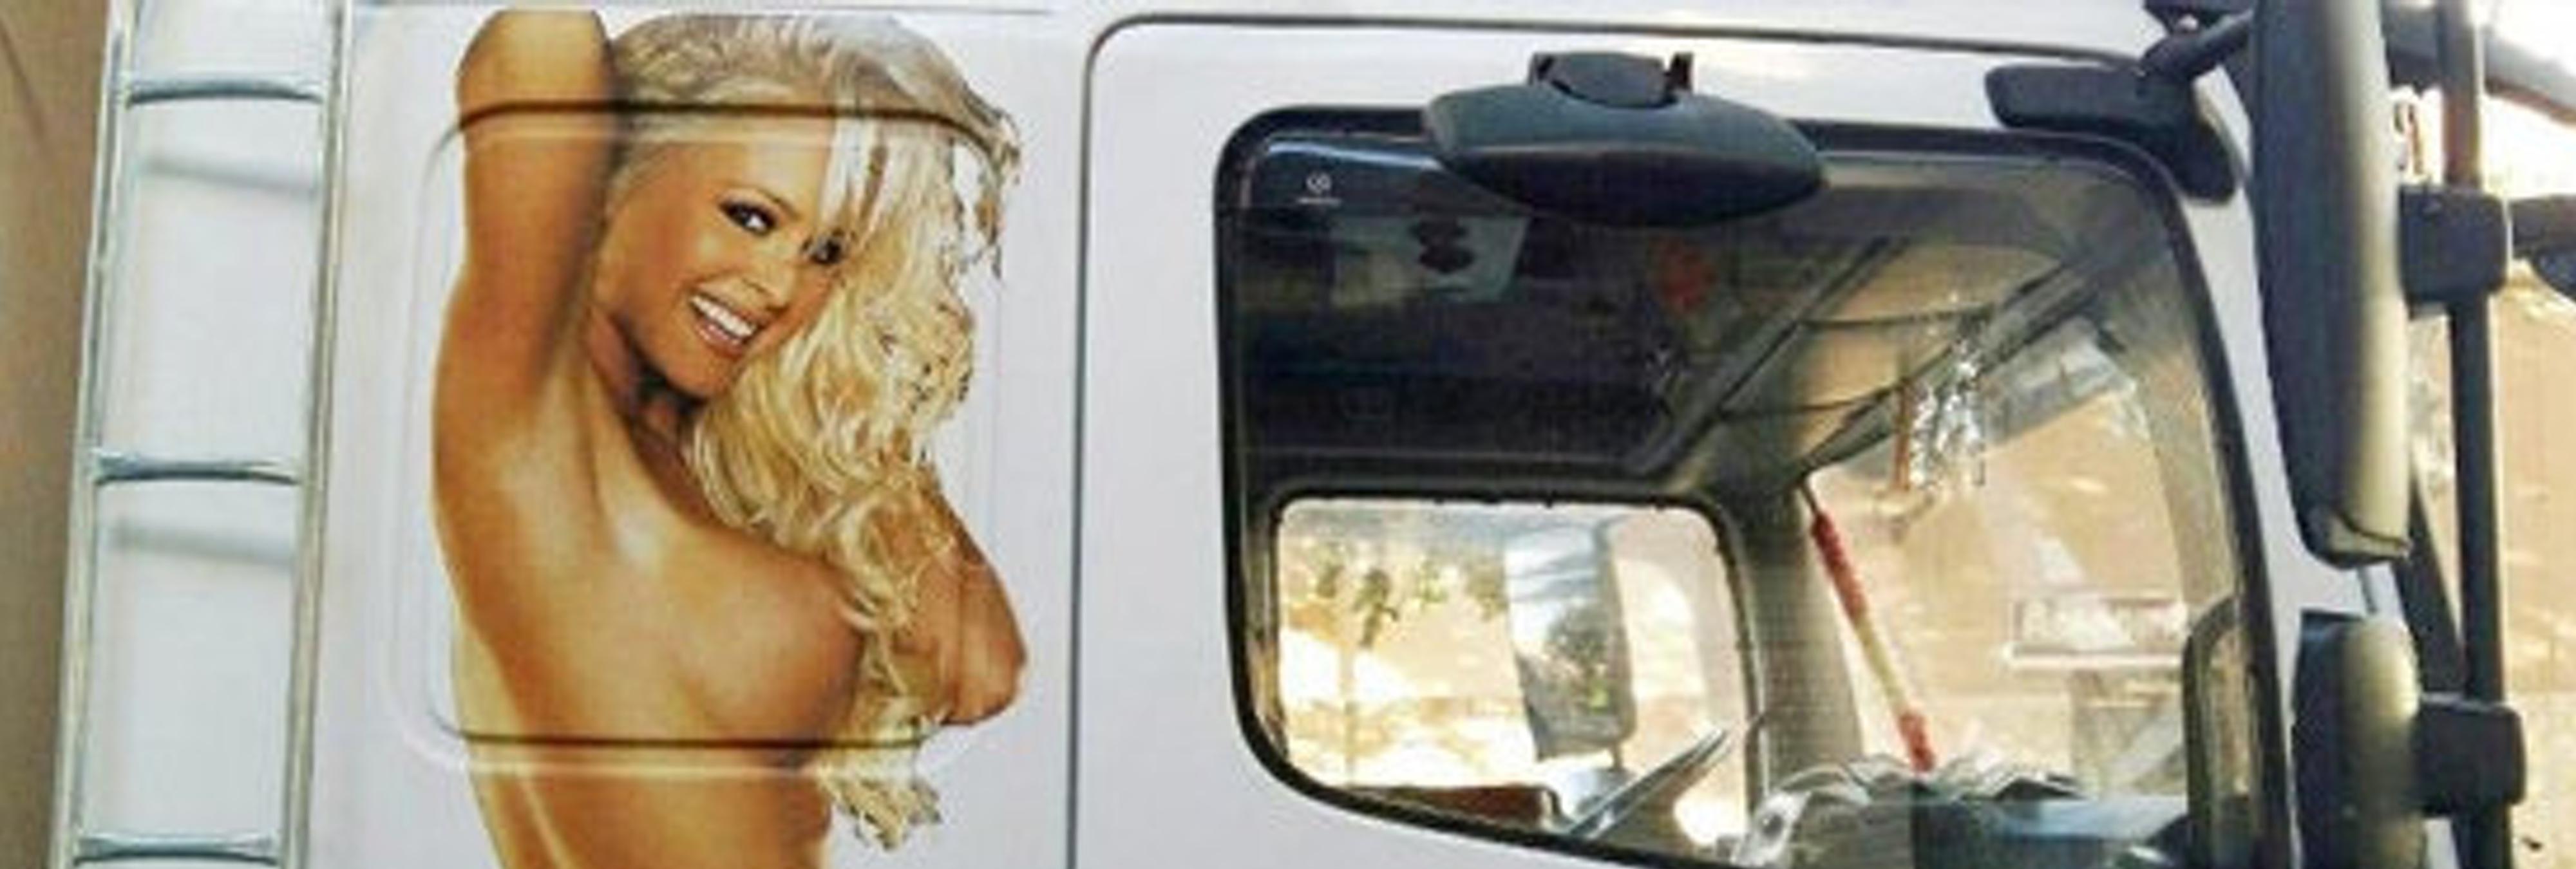 Denuncian a una empresa de transportes por llevar la imagen de una mujer desnuda como reclamo